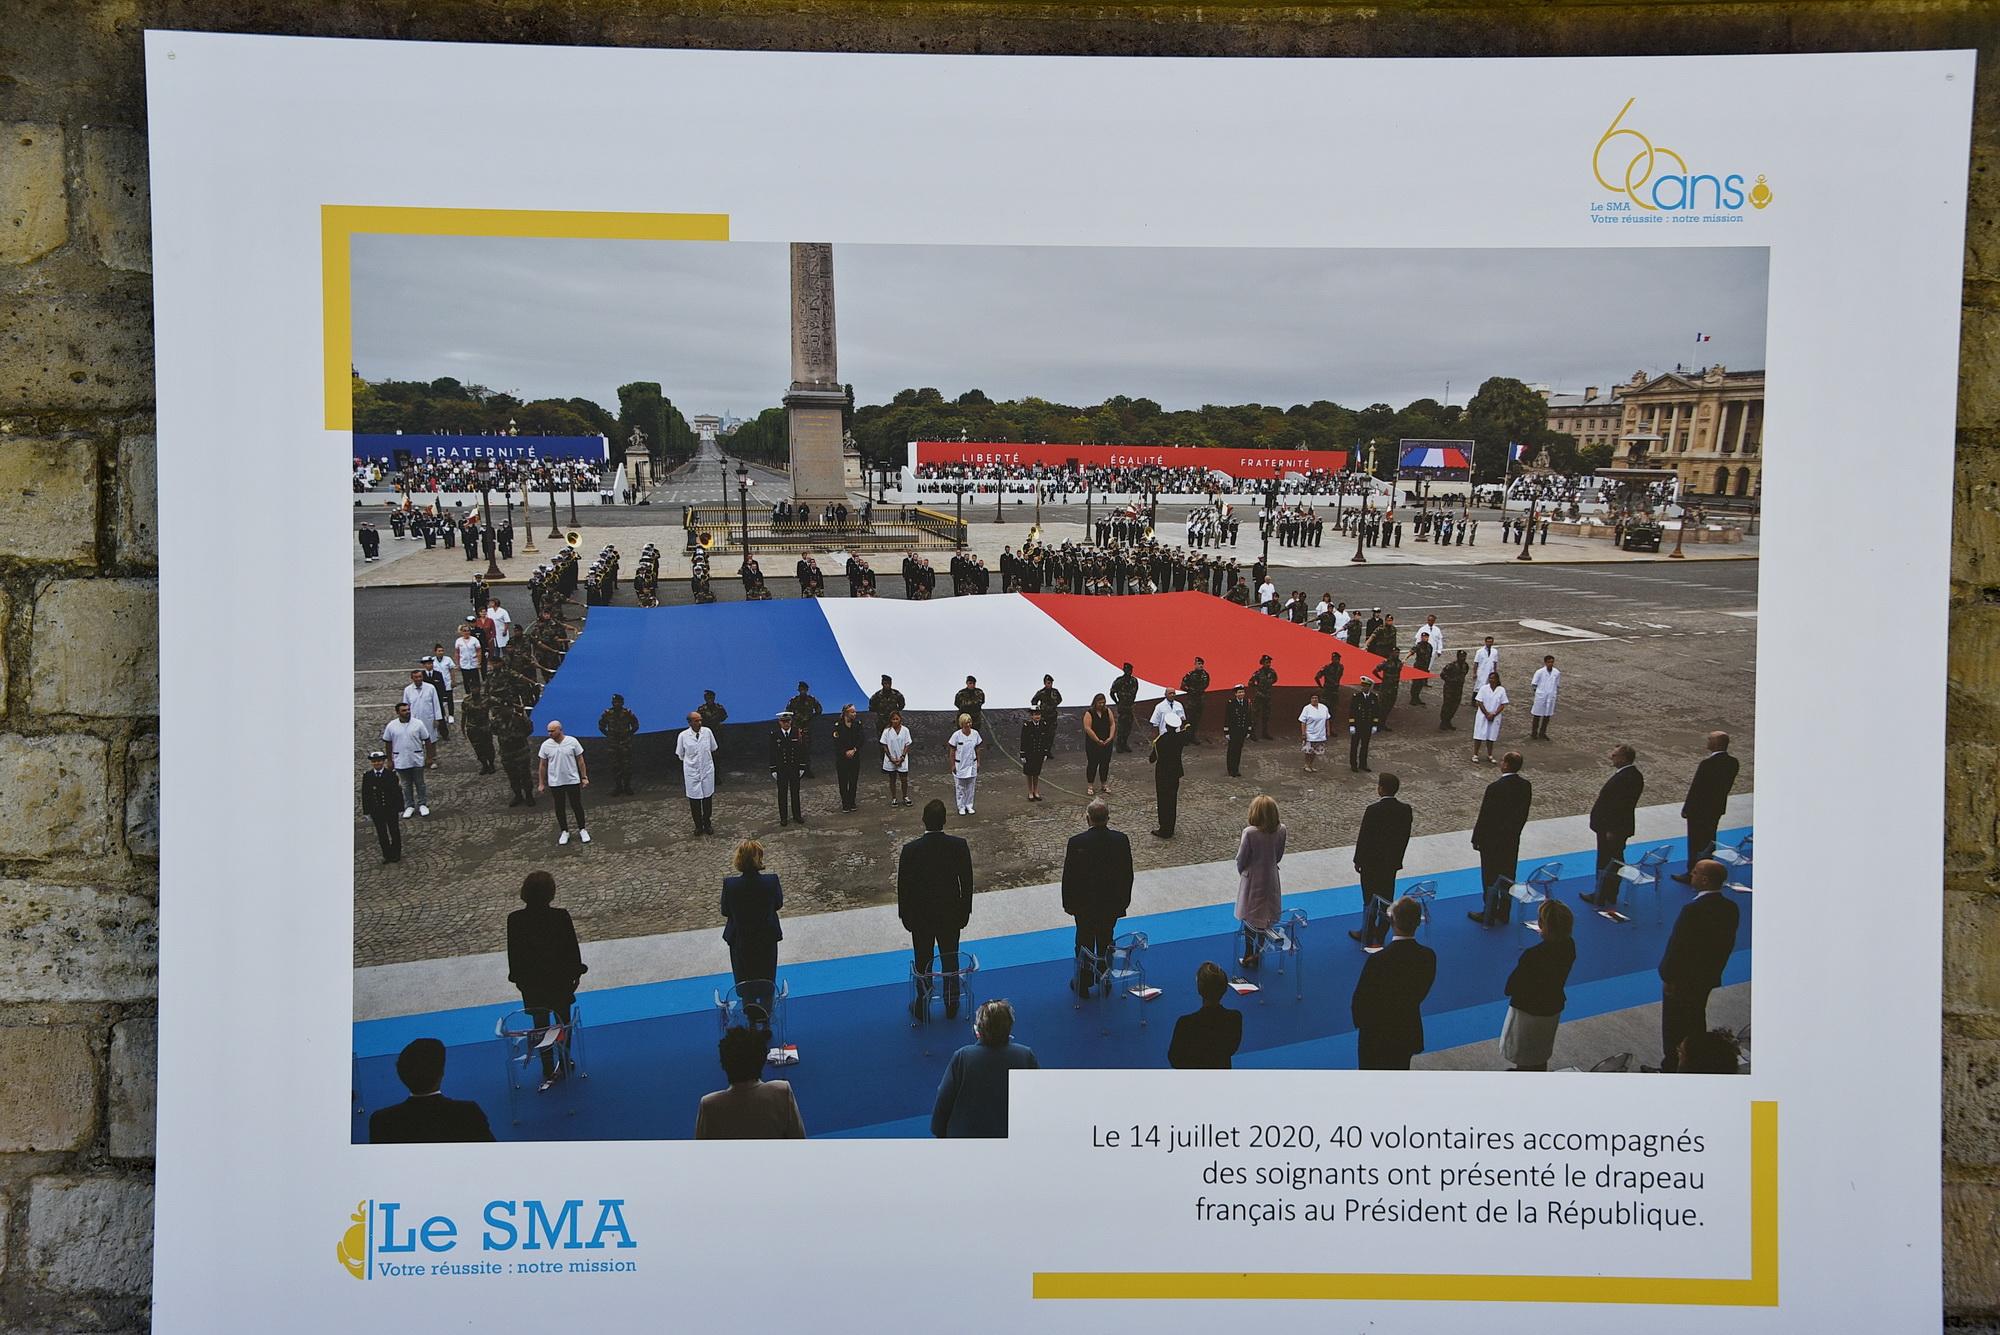 L'an dernier, un détachement du SMA avait rendu les honneurs devant la tribune présidentielle, lors du défilé du 14 juillet